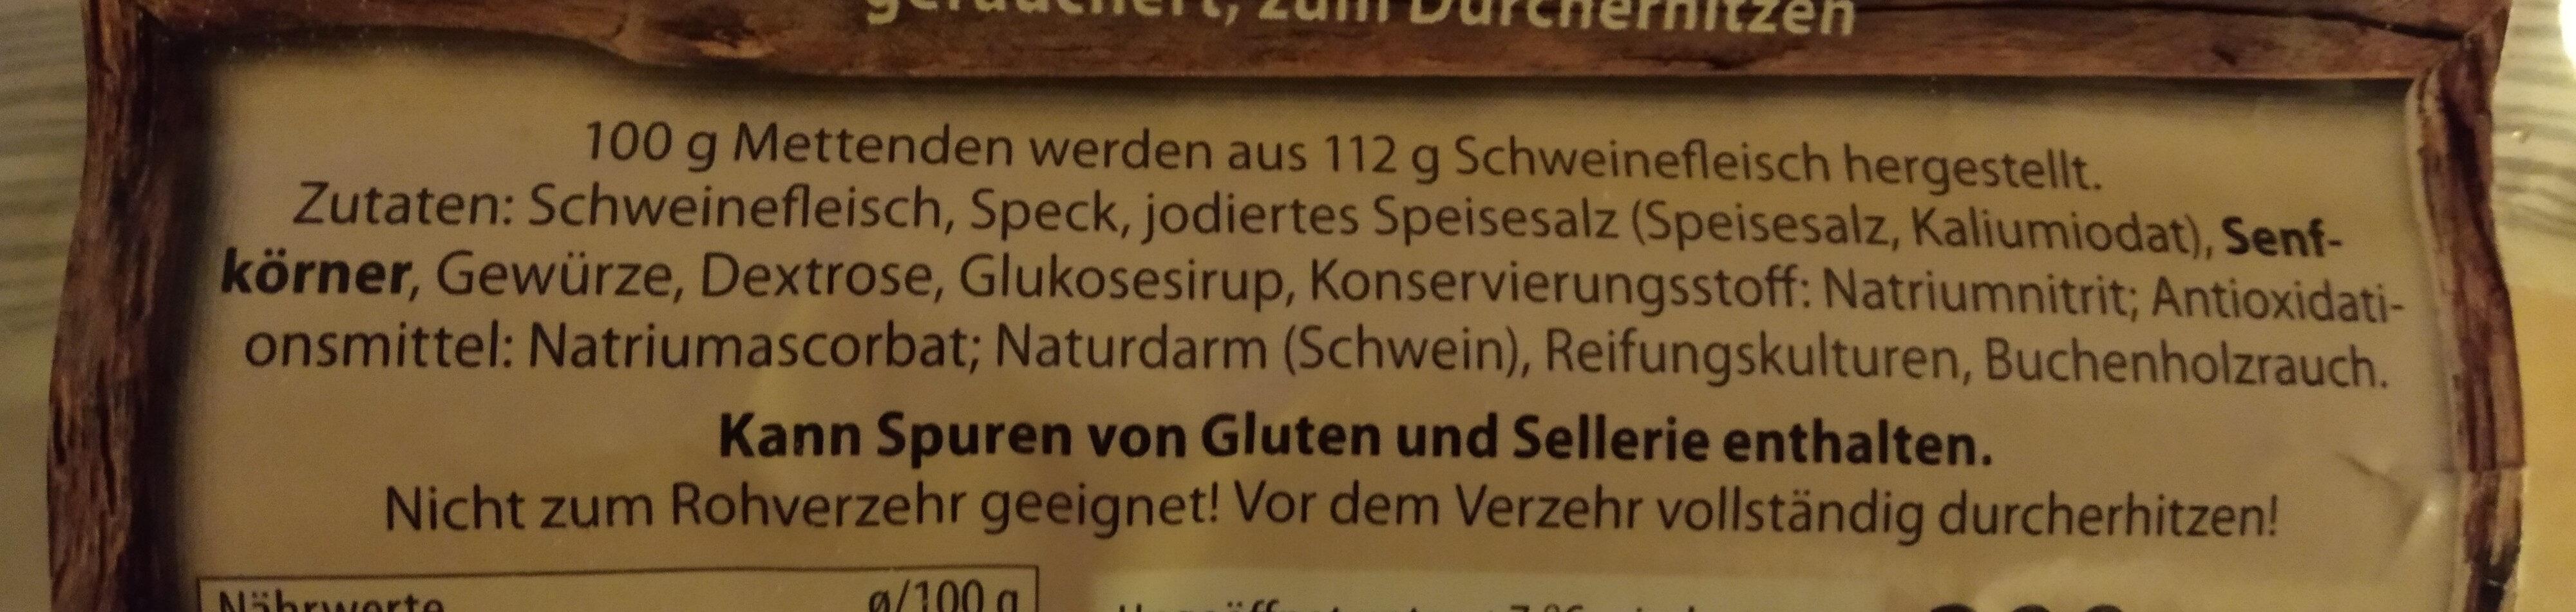 Mettenden. Wurst - Ingrédients - de